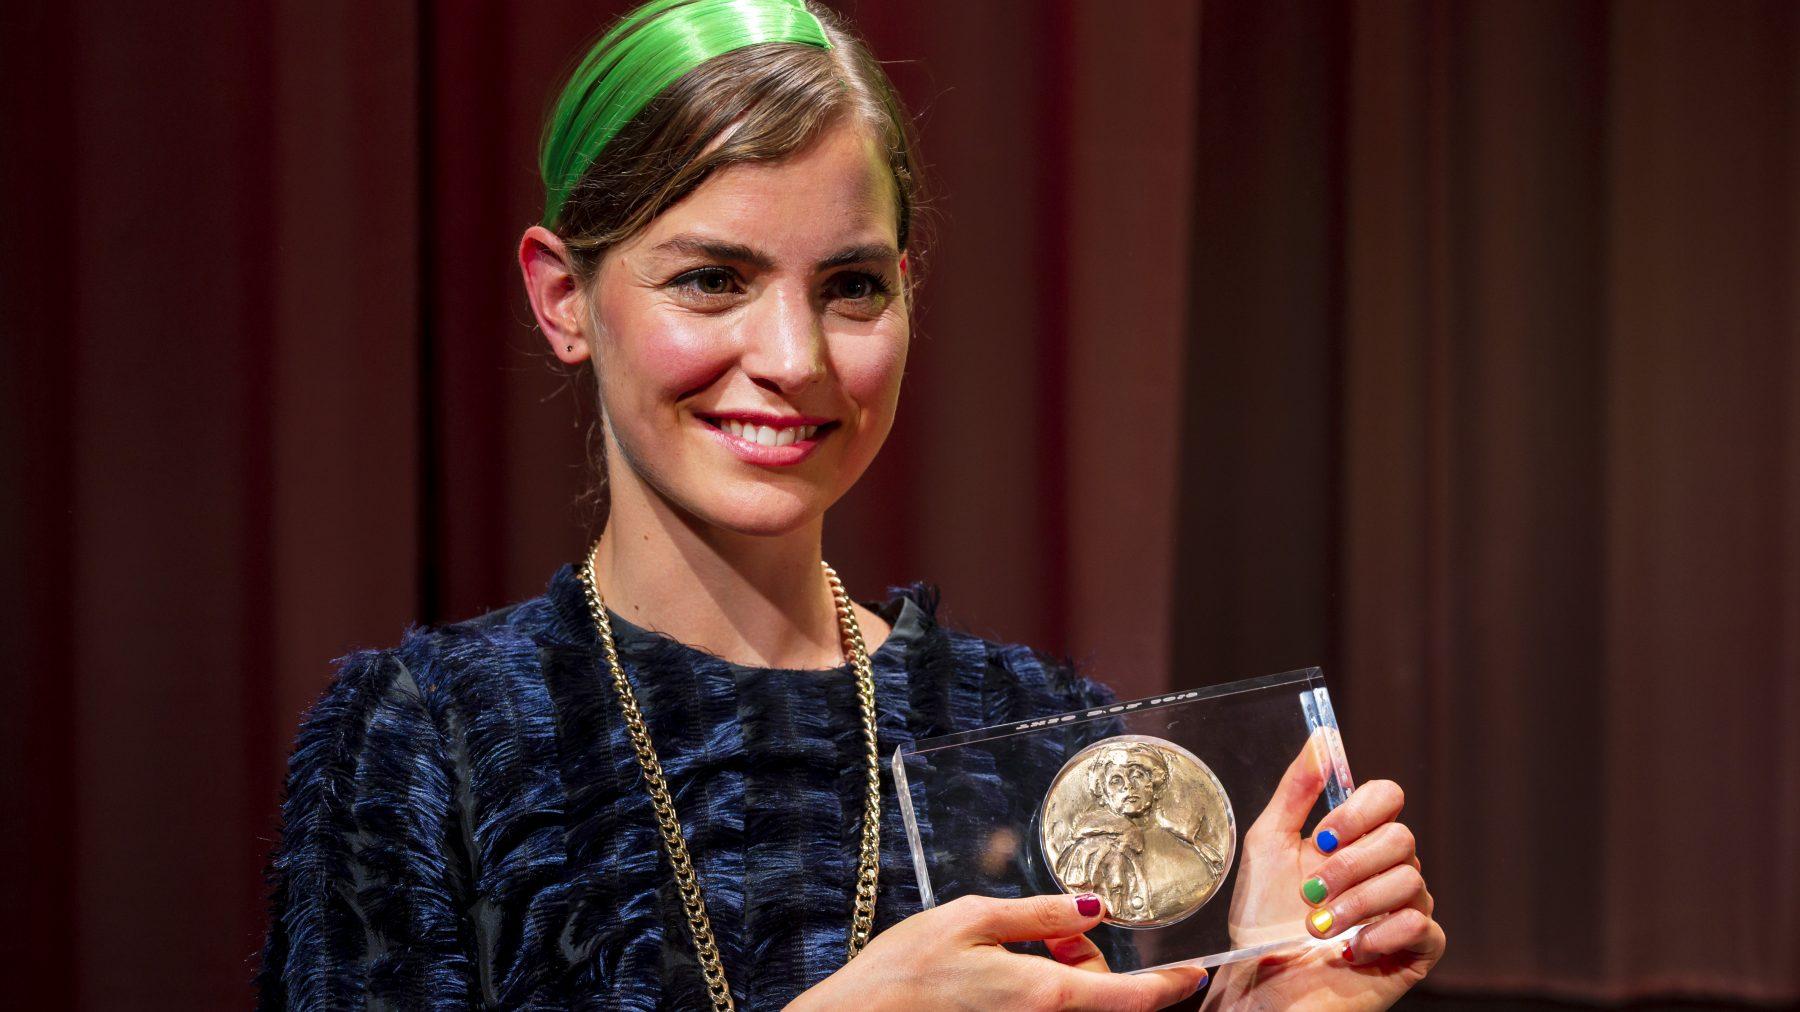 Belangrijkste Nederlandse toneelprijzen naar Ramsey Nasr en Hannah Hoekstra